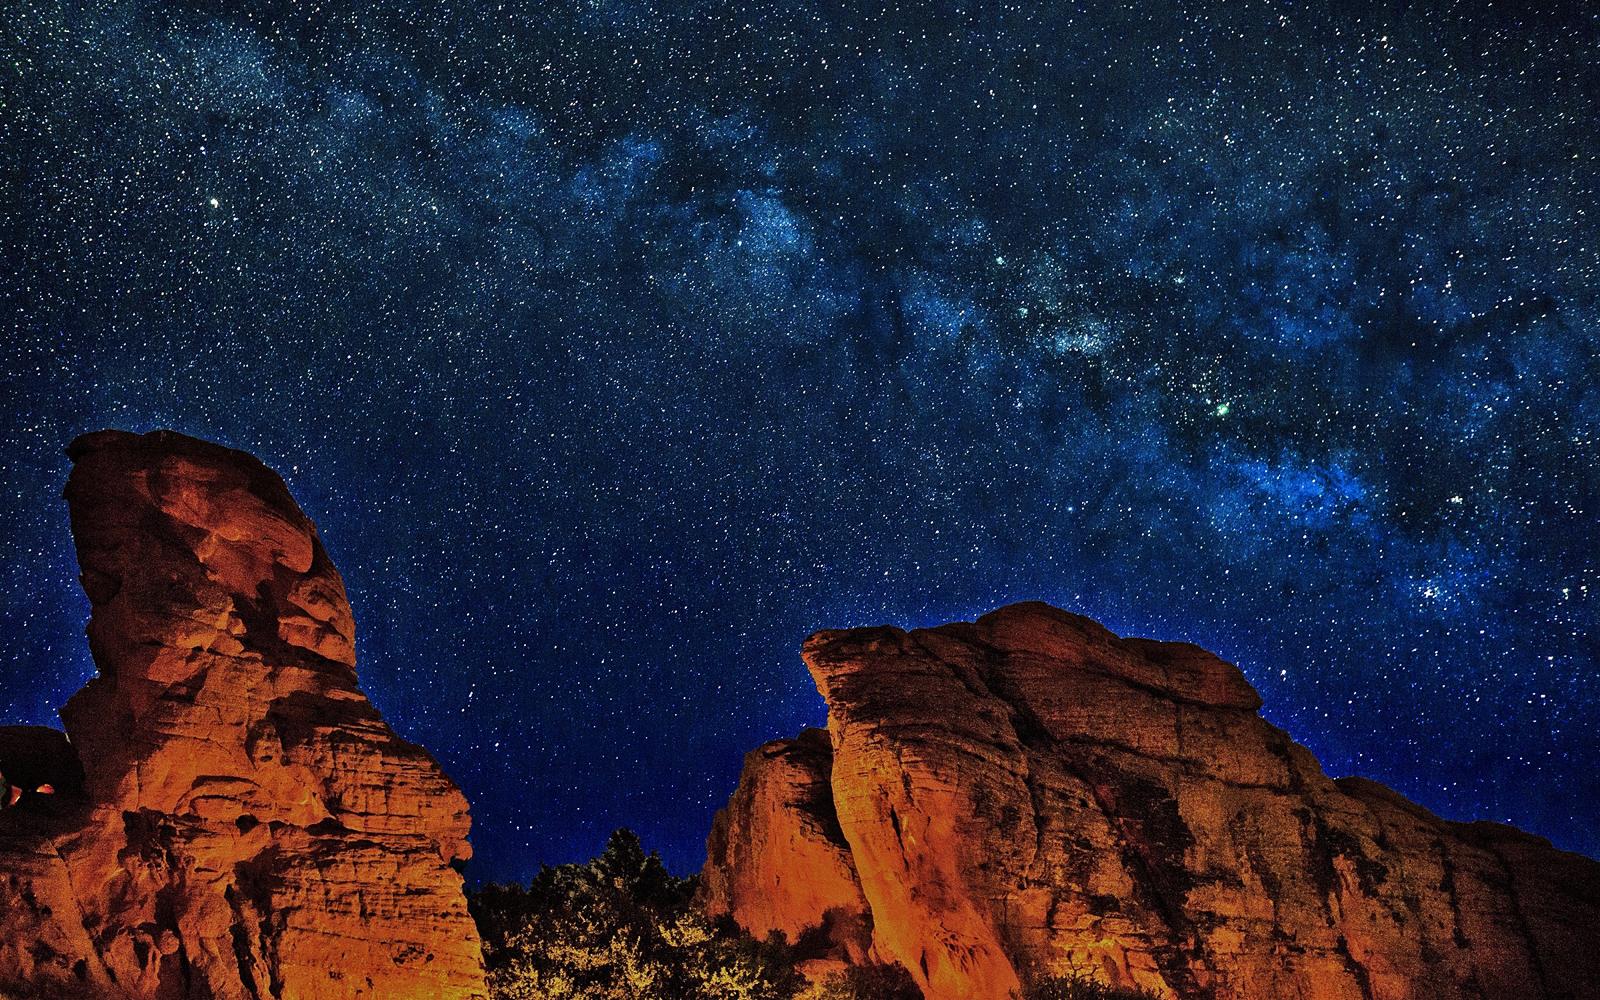 銀河系中心部を映す天の川